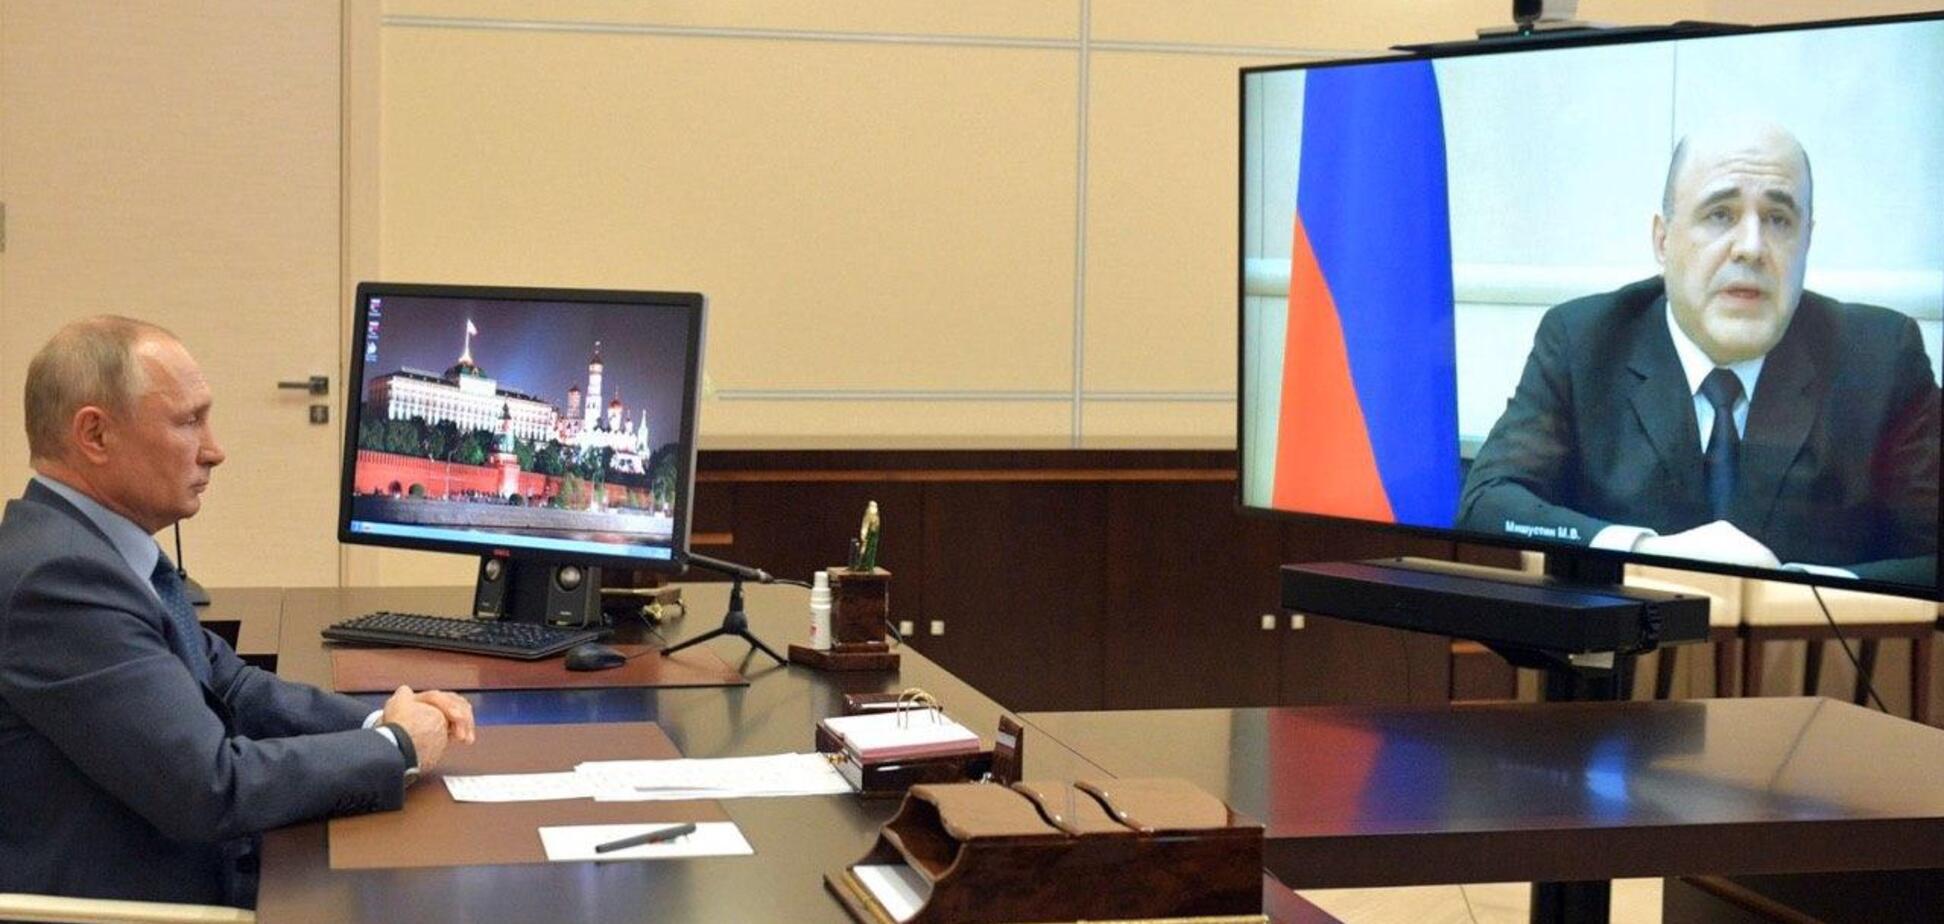 Премьер России заболел коронавирусом: у Мишустина раскрыли неожиданный нюанс